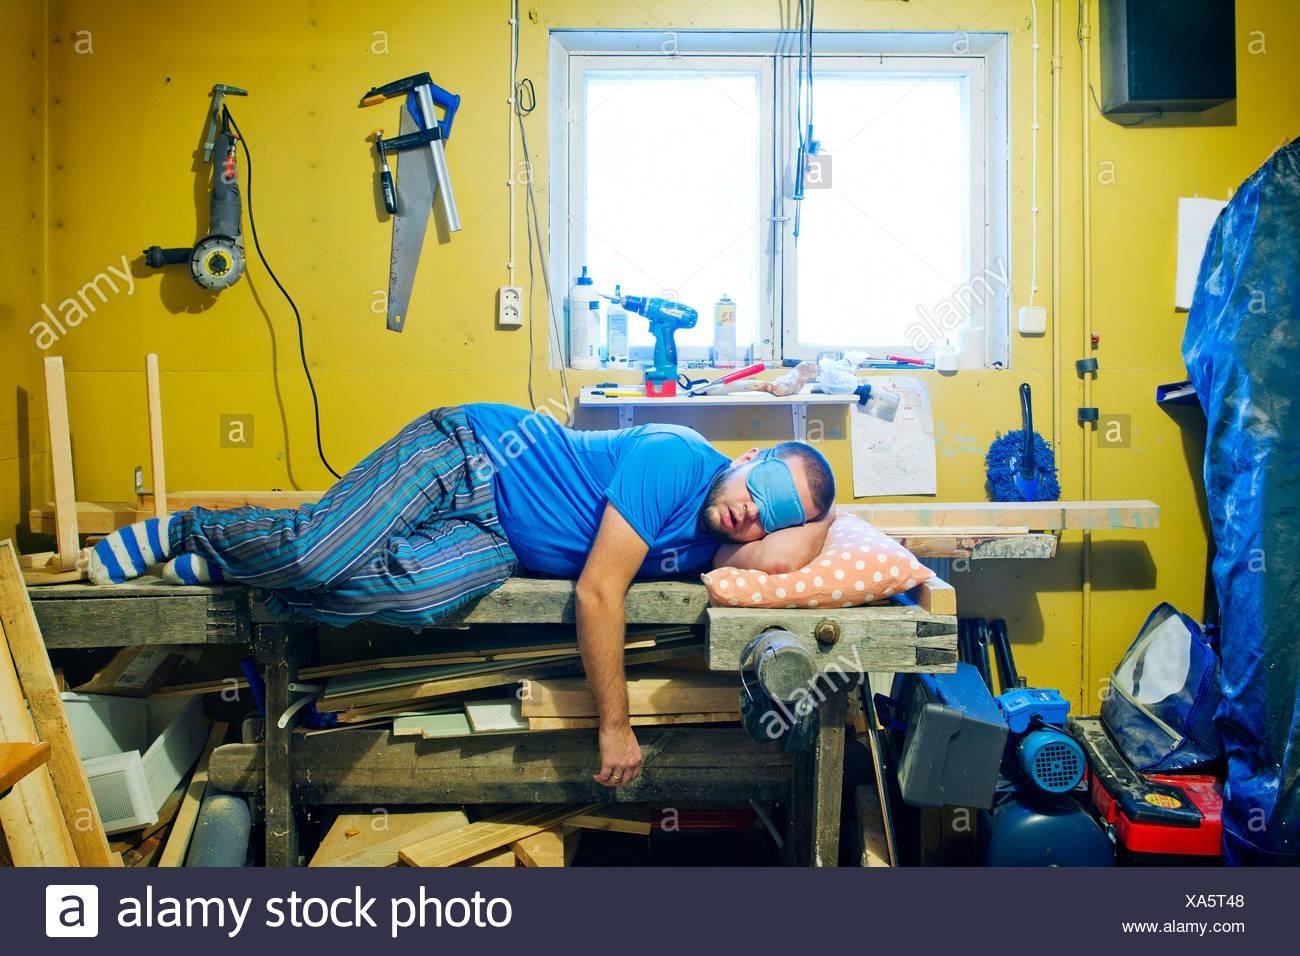 Hombre dormido sobre la mesa del taller Imagen De Stock